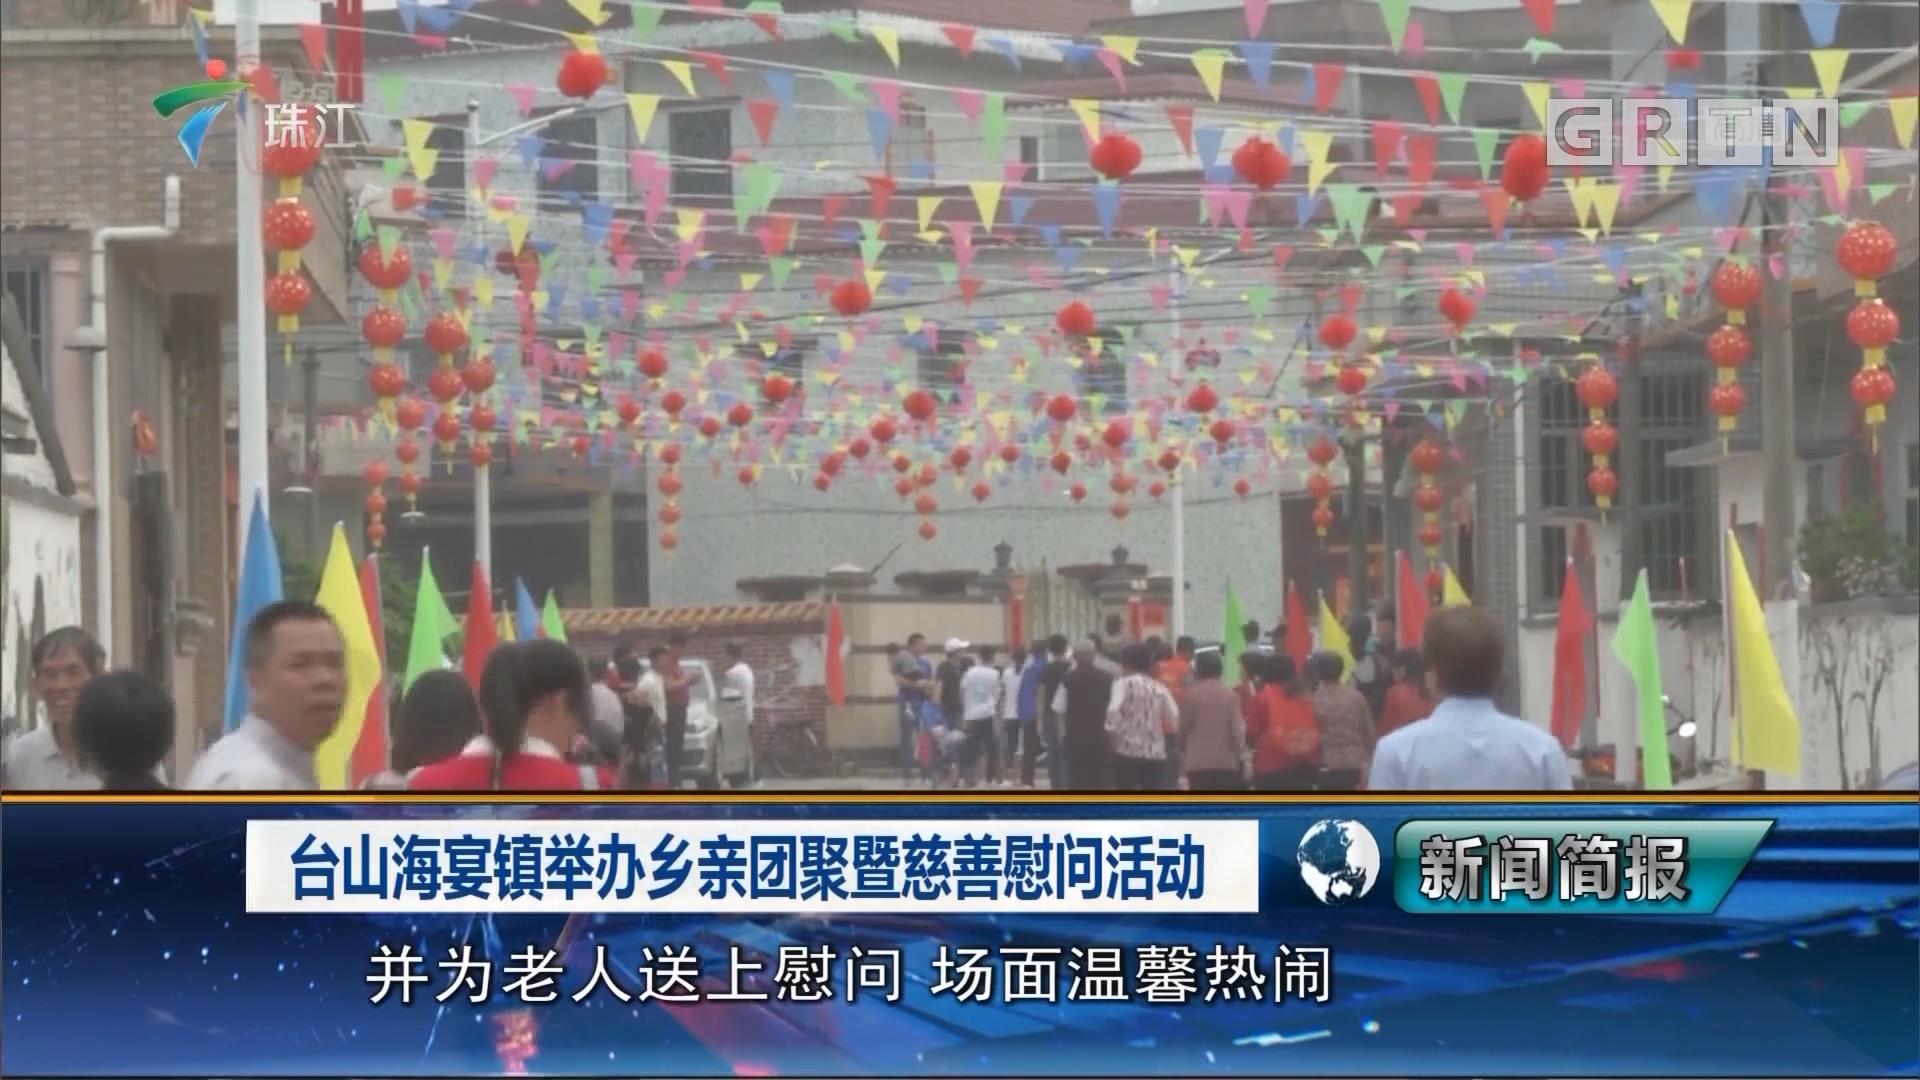 台山海宴镇举办乡亲团聚暨慈善慰问活动